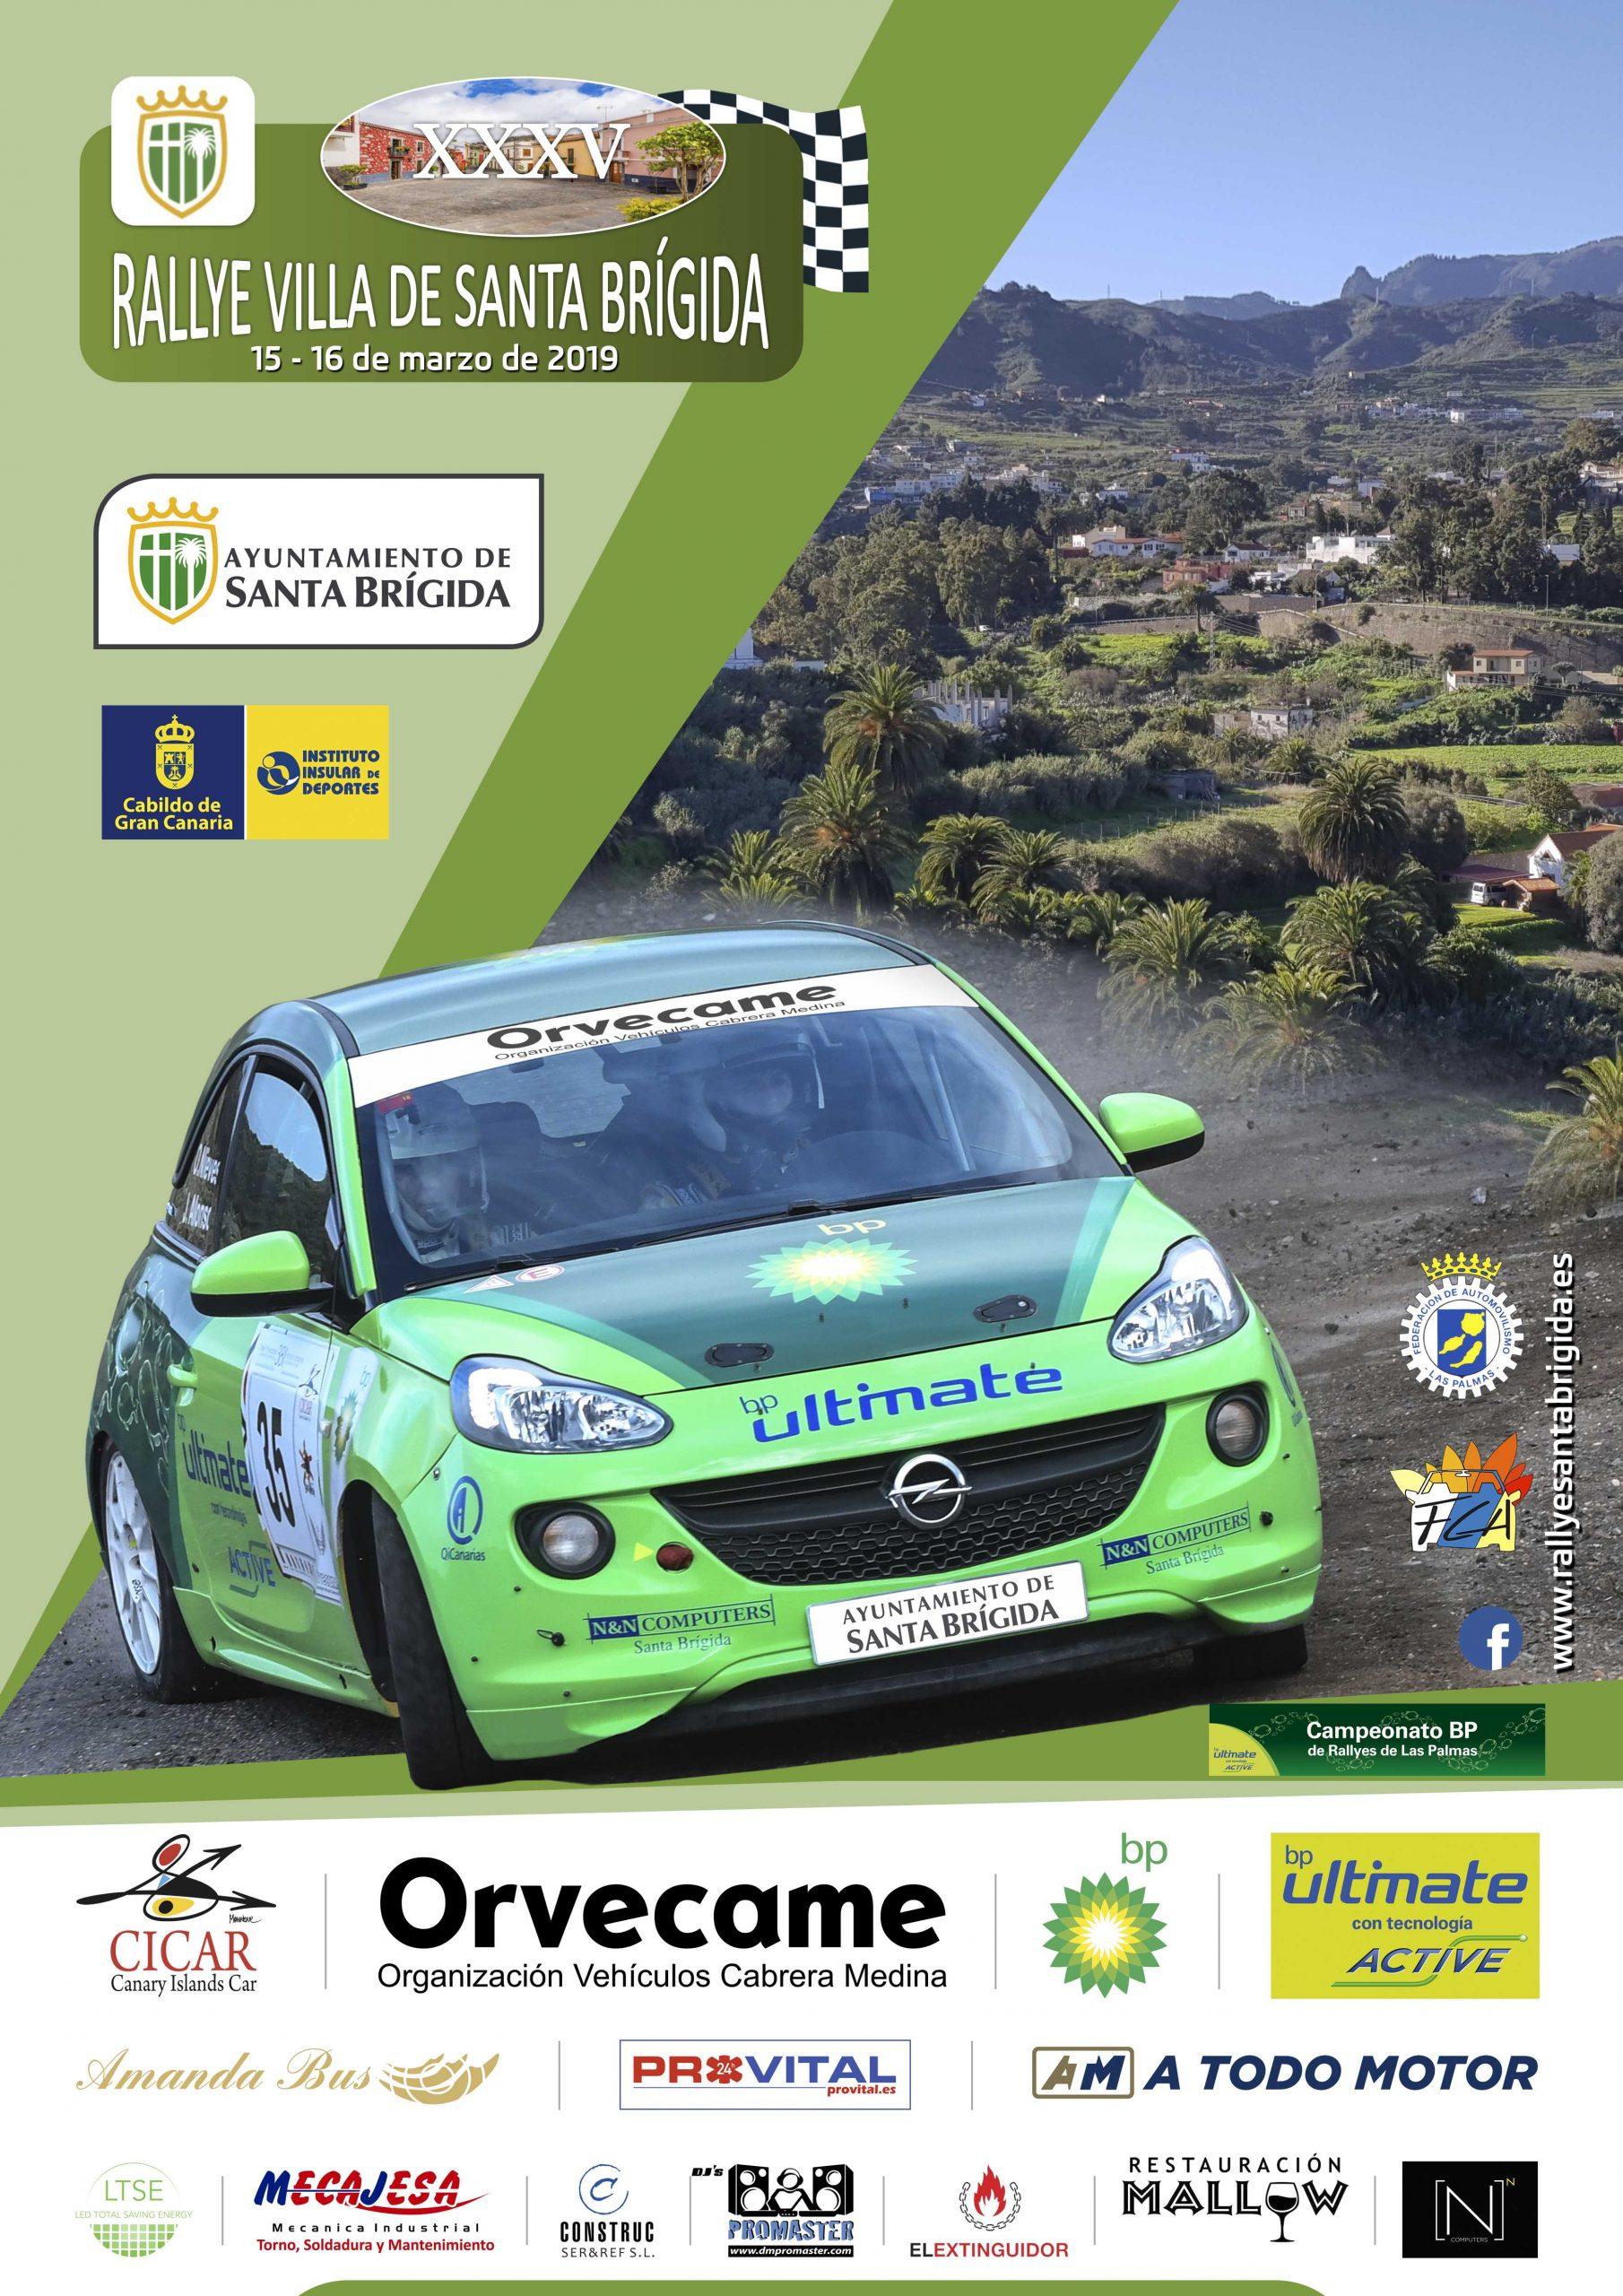 📢 Este viernes concluye el plazo para inscribirse en el XXXV  Rallye Villa de Santa Brígida